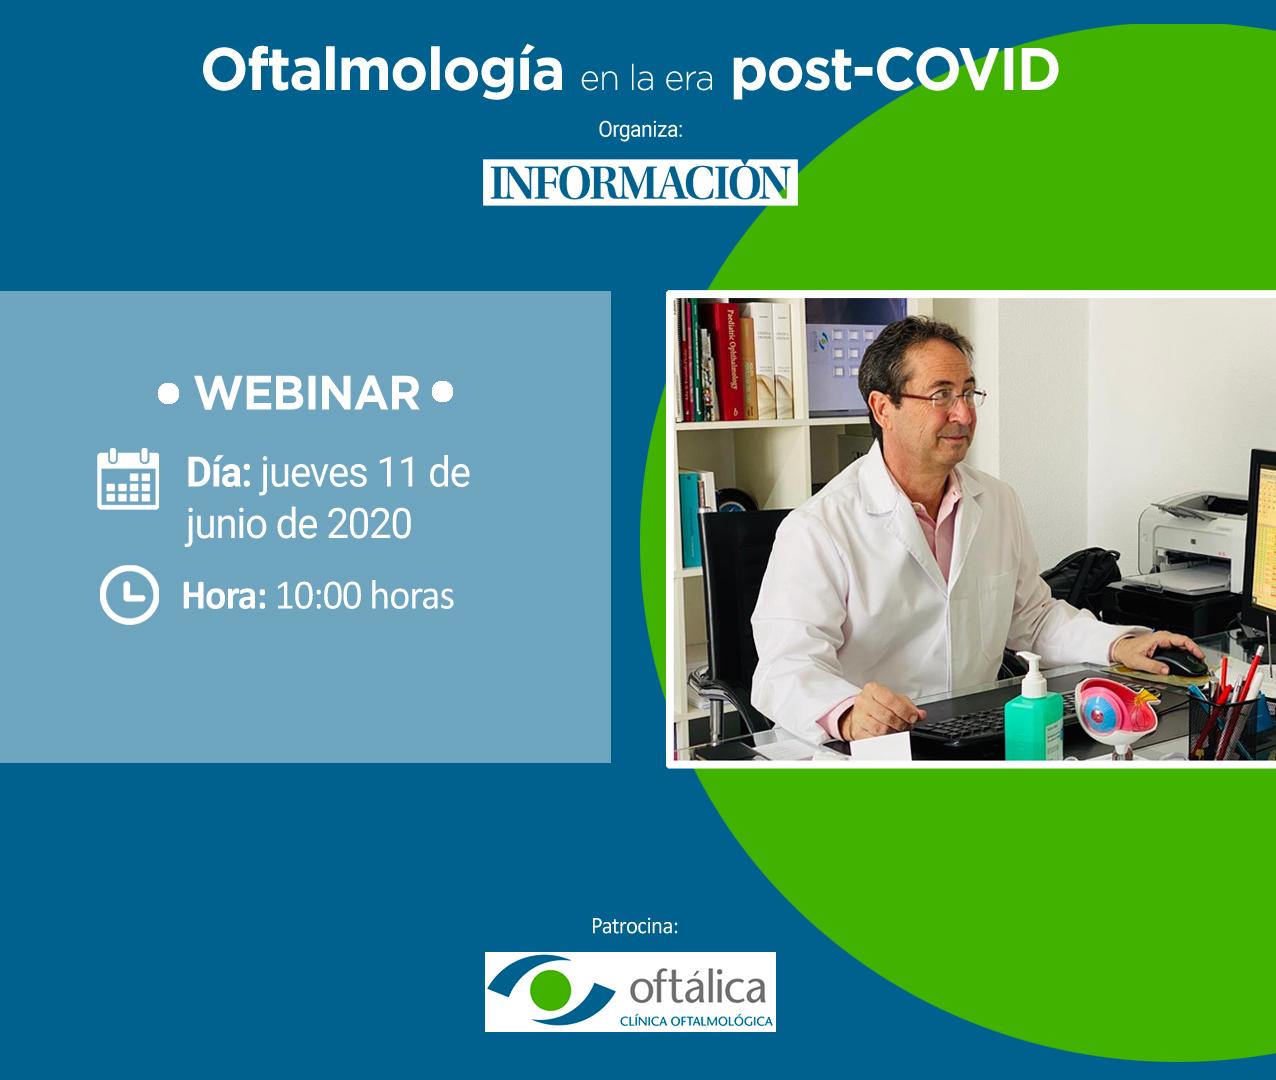 WEBINAR: Oftalmología en la era post-COVID, con el Dr. Enrique Chipont